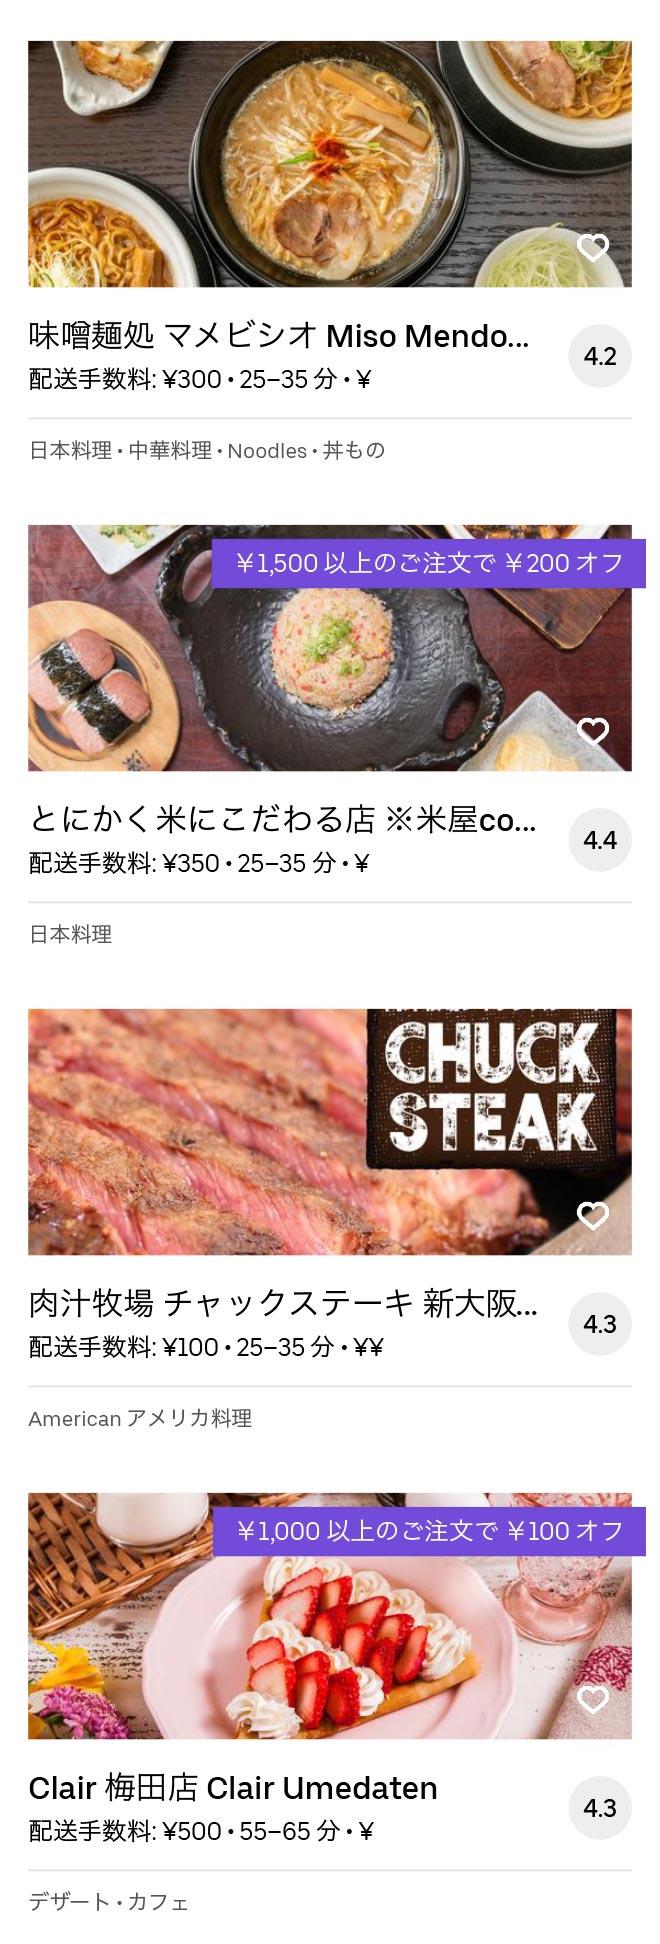 Toyonaka shounai menu 2005 11